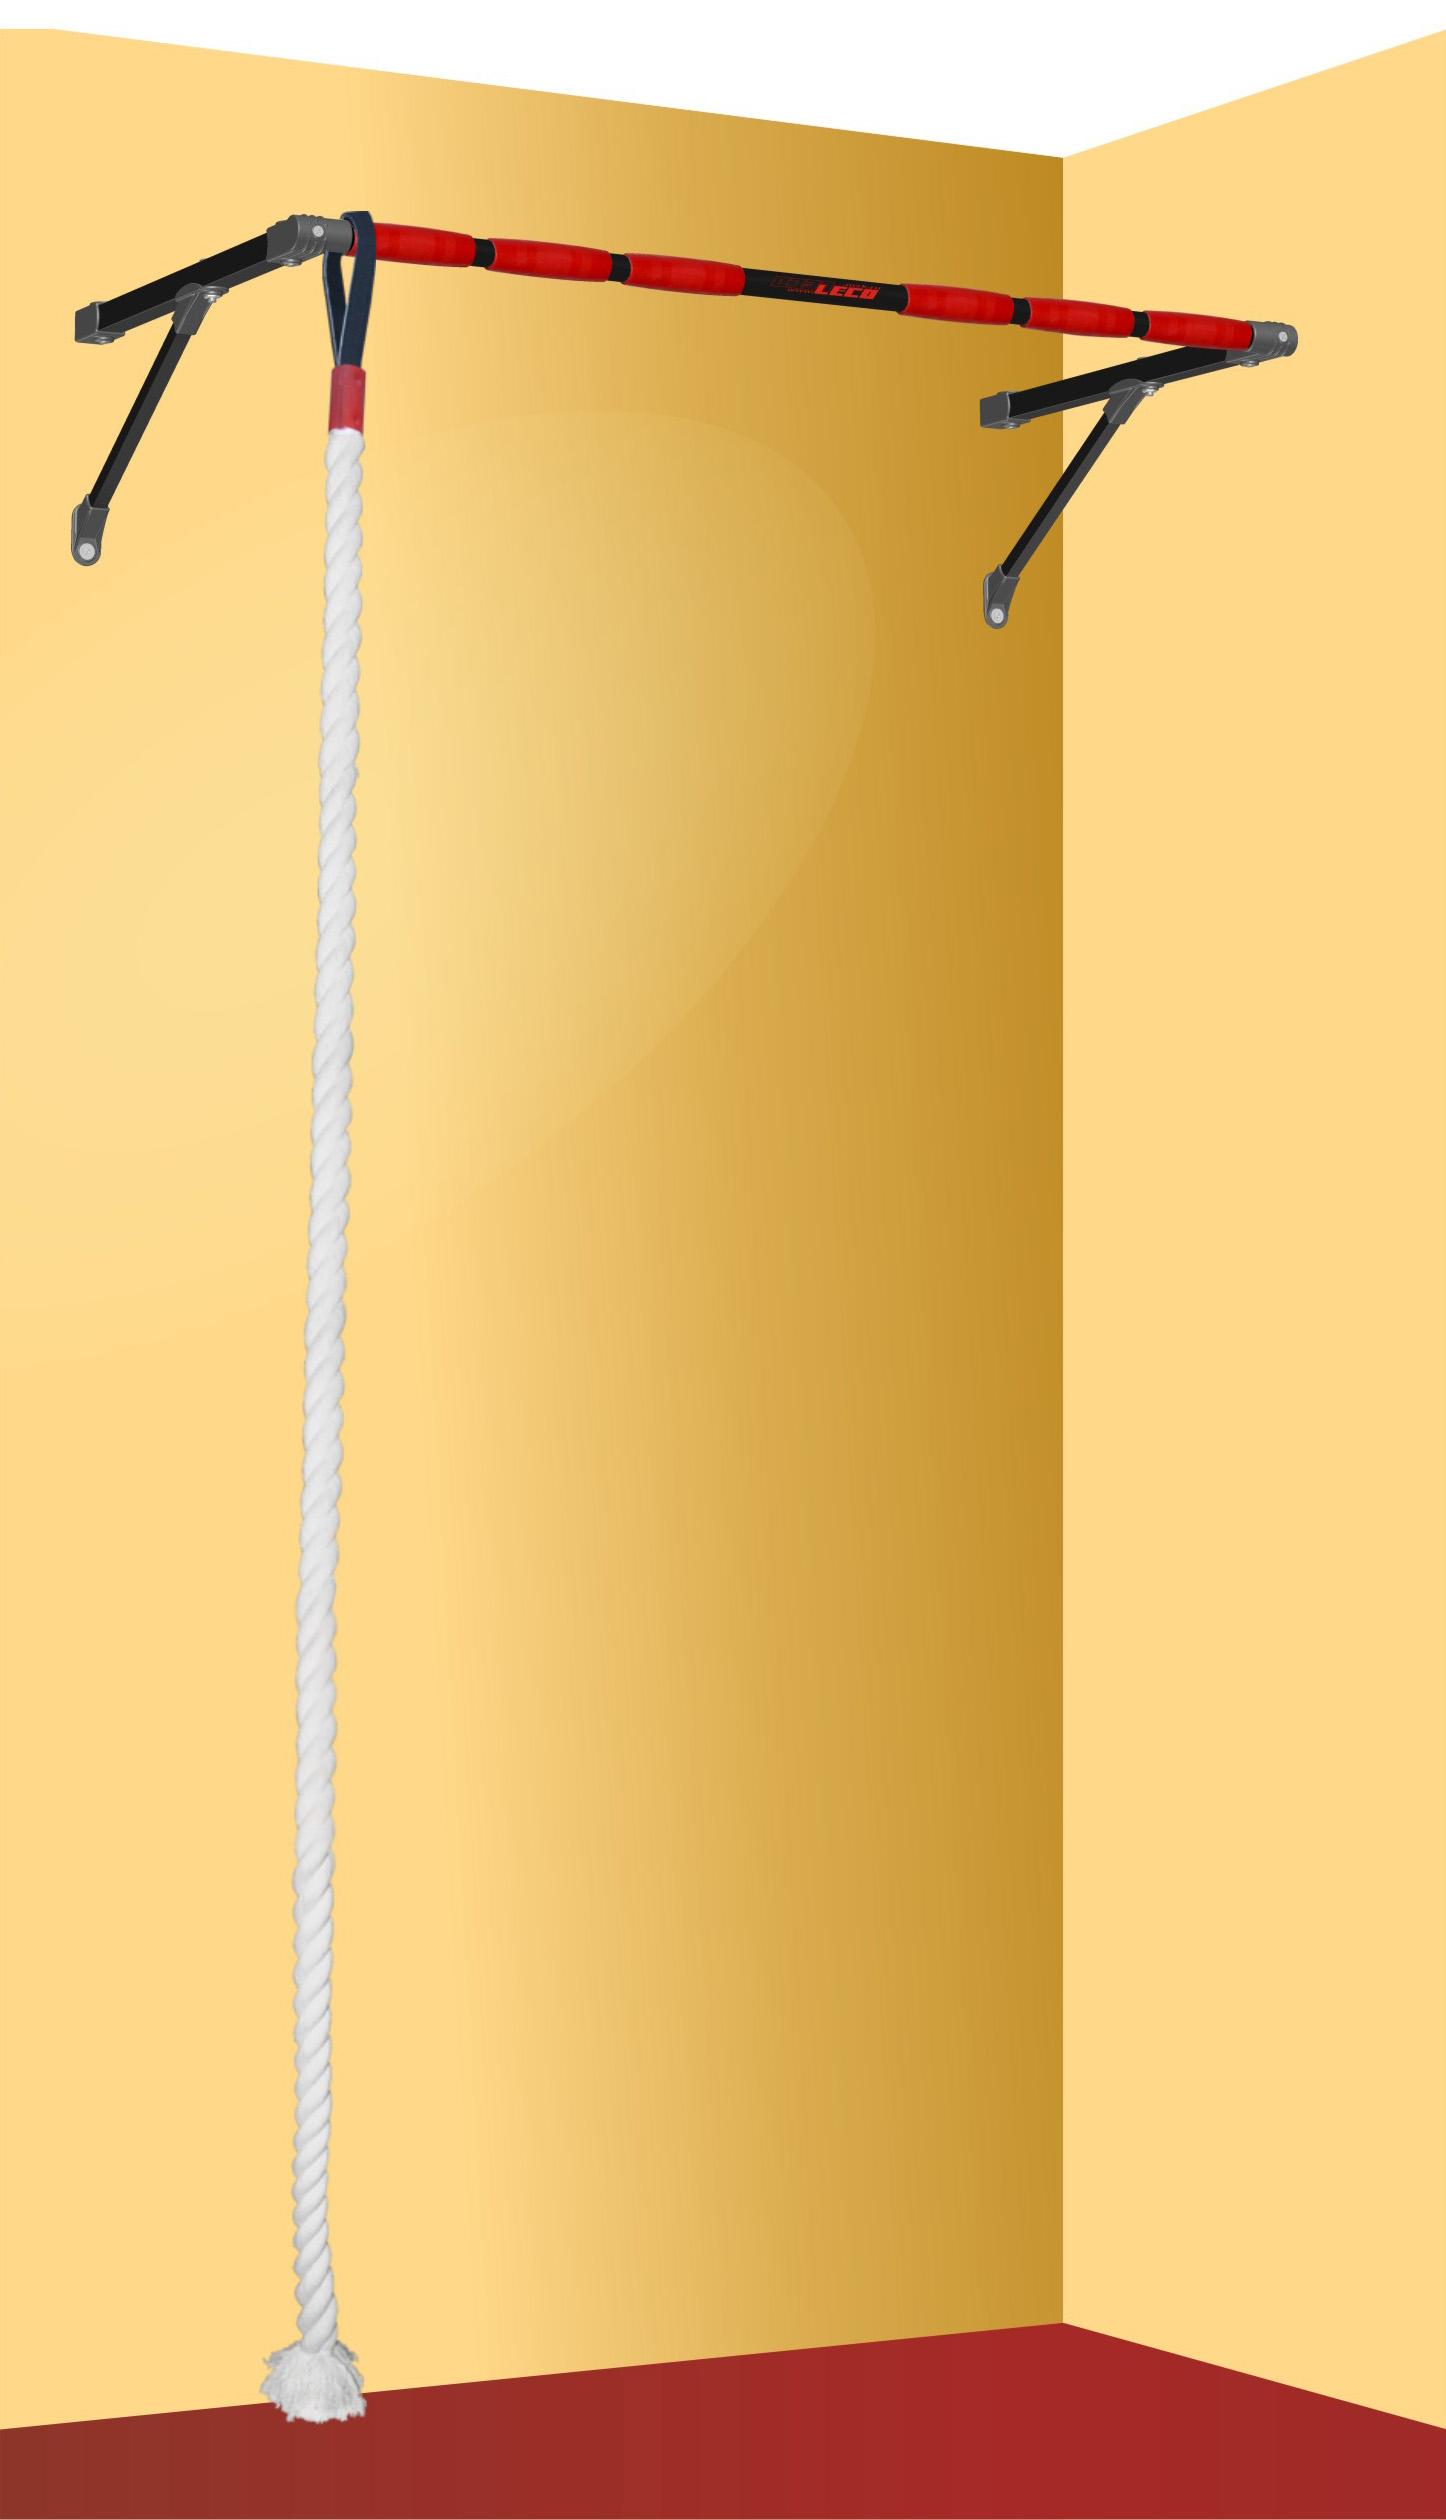 турник настенный прямой 105 см